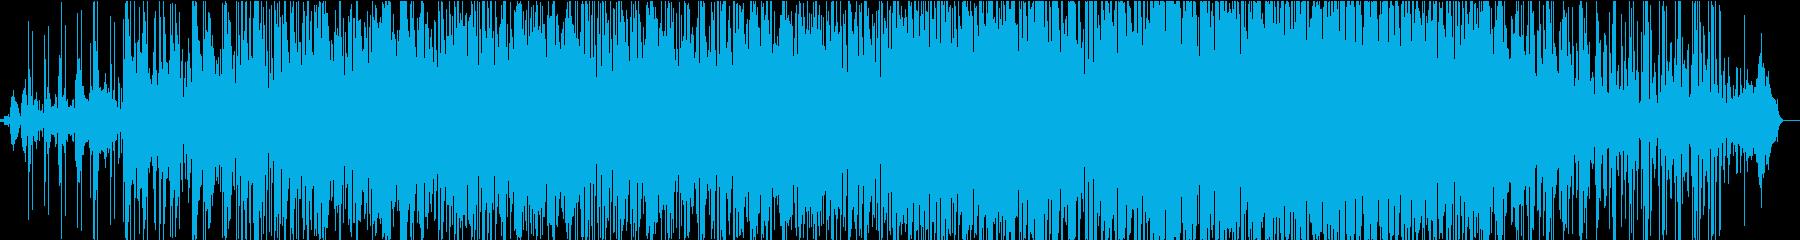 DROPED BLUEの再生済みの波形